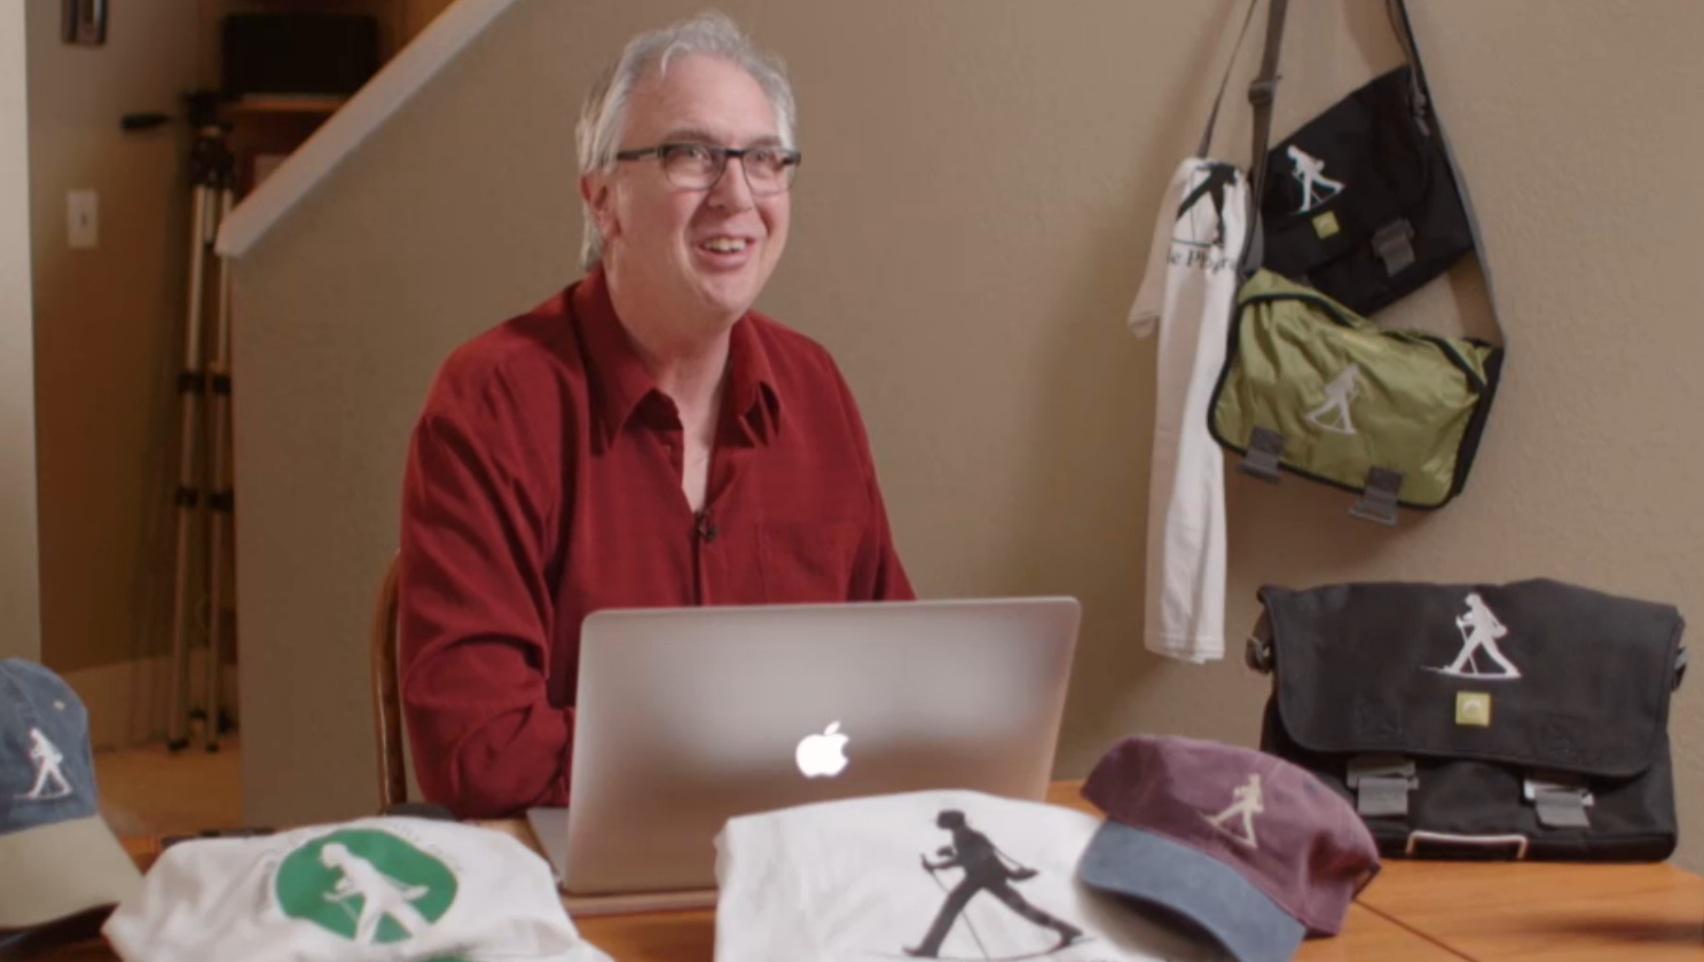 http://thedigitalstory.com/2014/06/25/derrick-business-interview.jpg